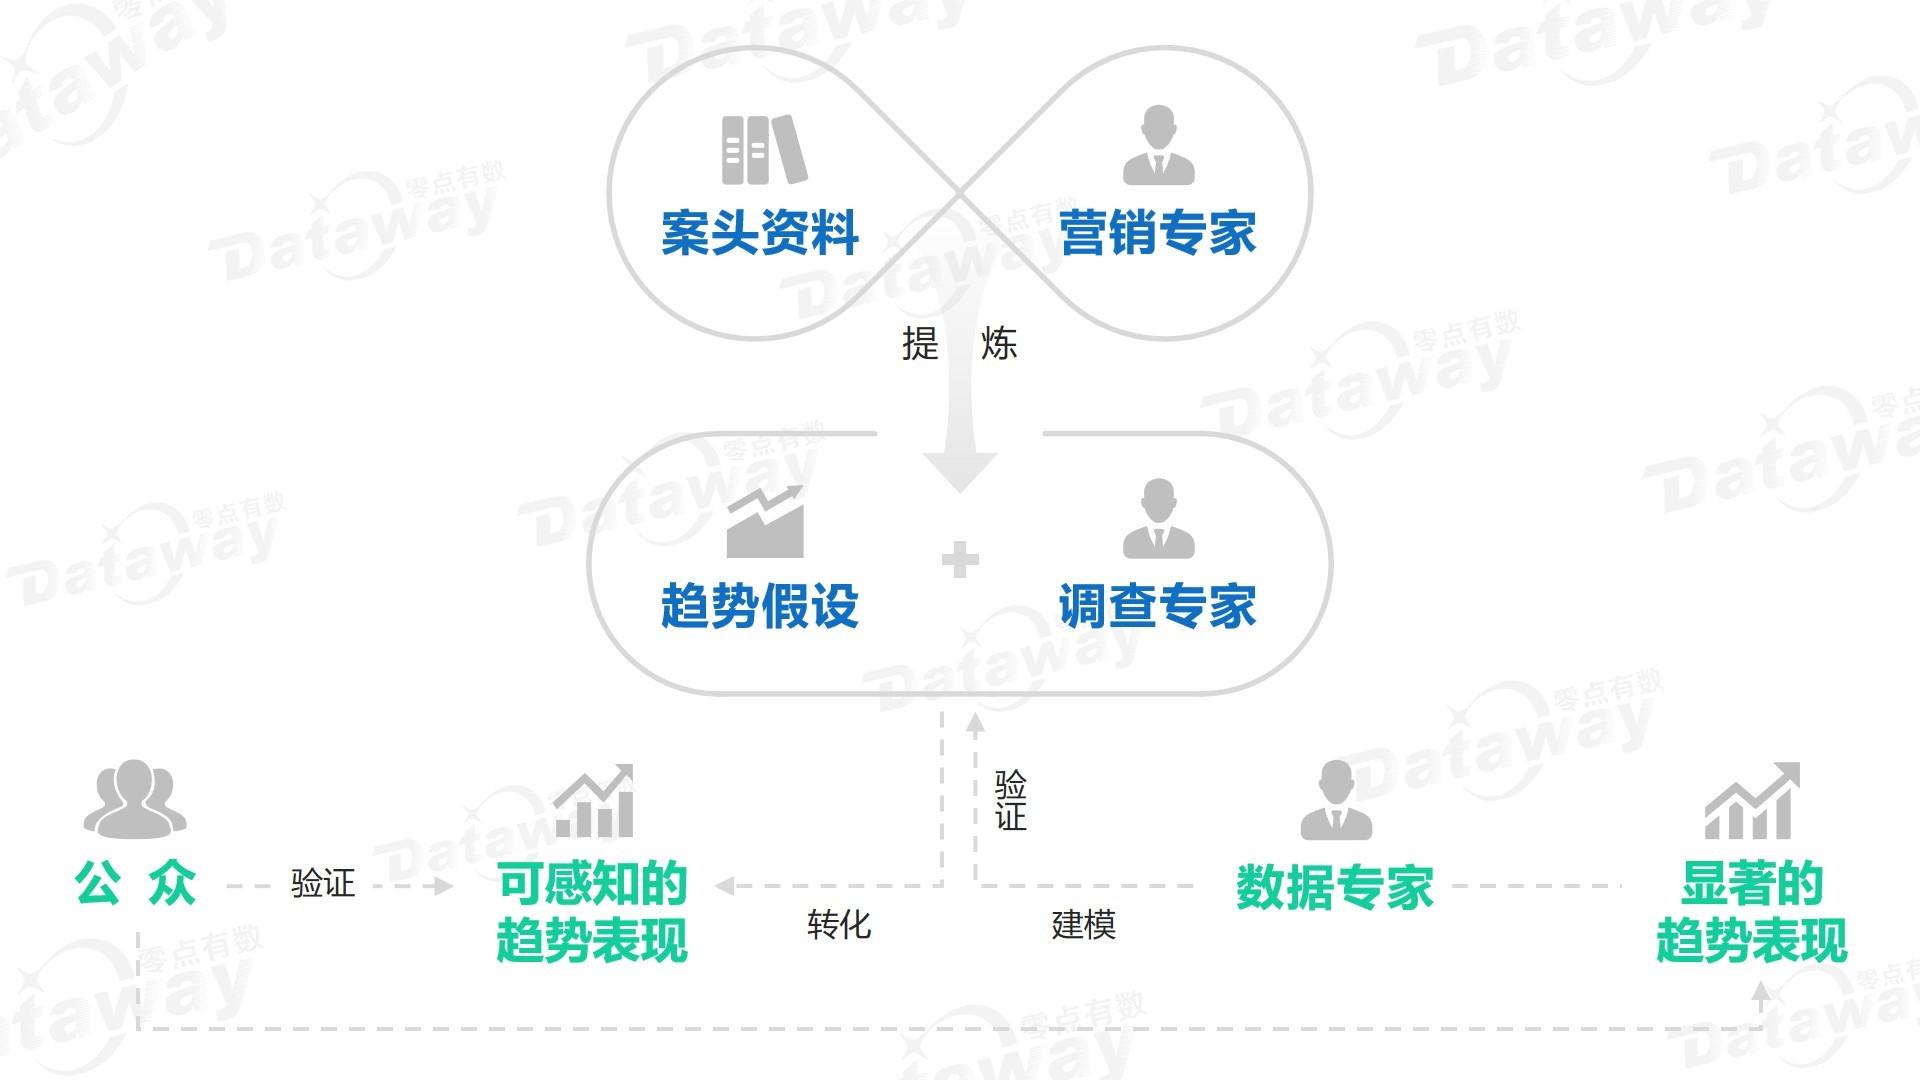 附图2 零点有数研究方式及途径